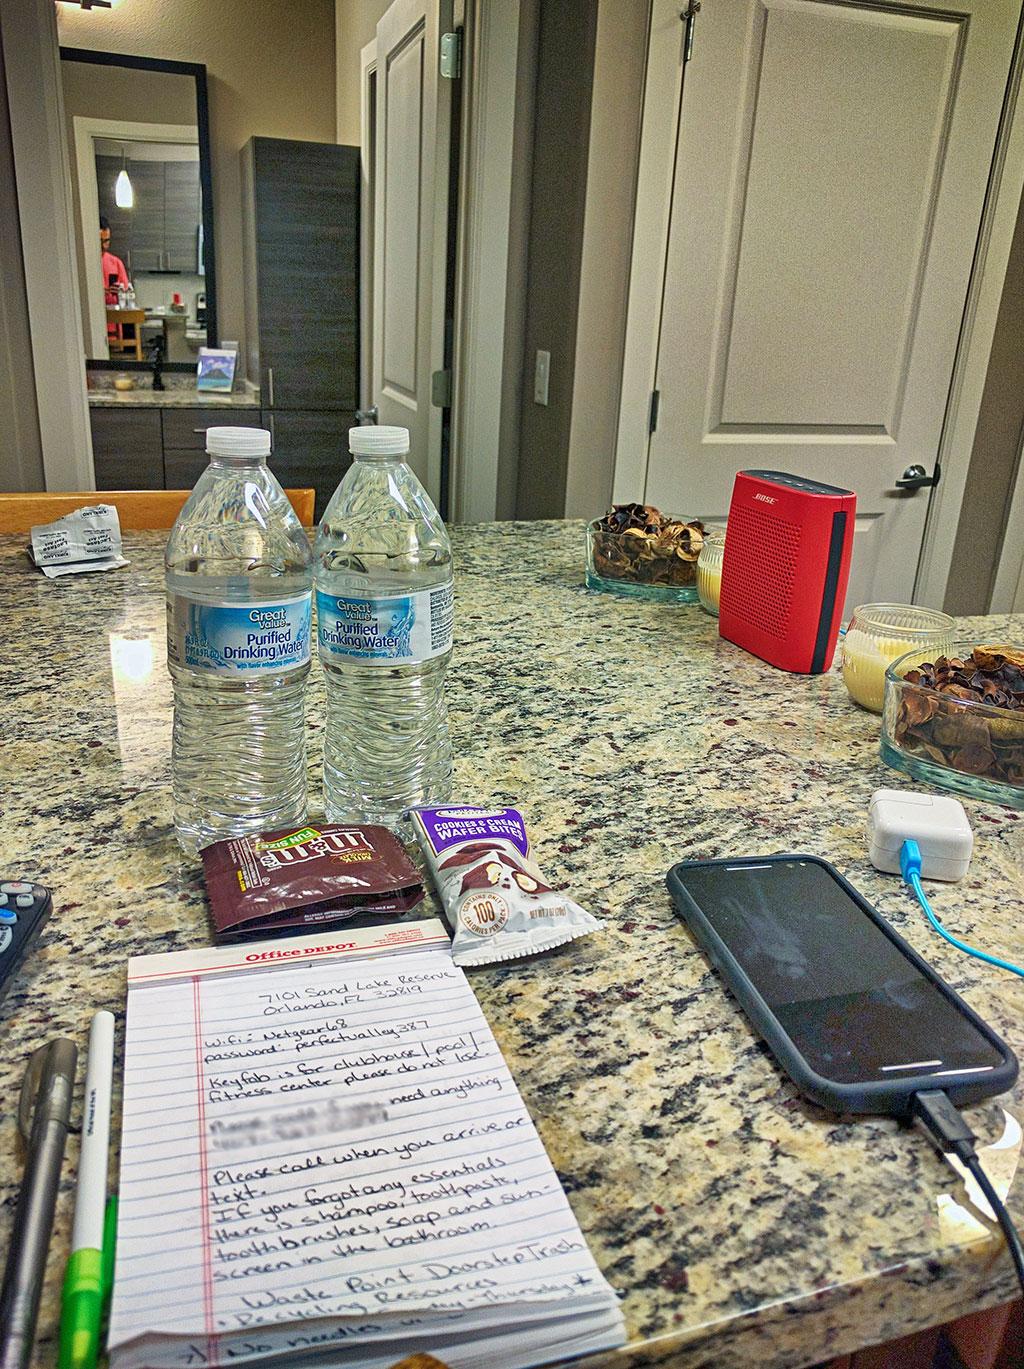 O dono do apartamento que aluguei em Orlando via Airbnb deixou águas, chocolates, e um bilhete escrito à mão com instruções e senha do Wi-Fi